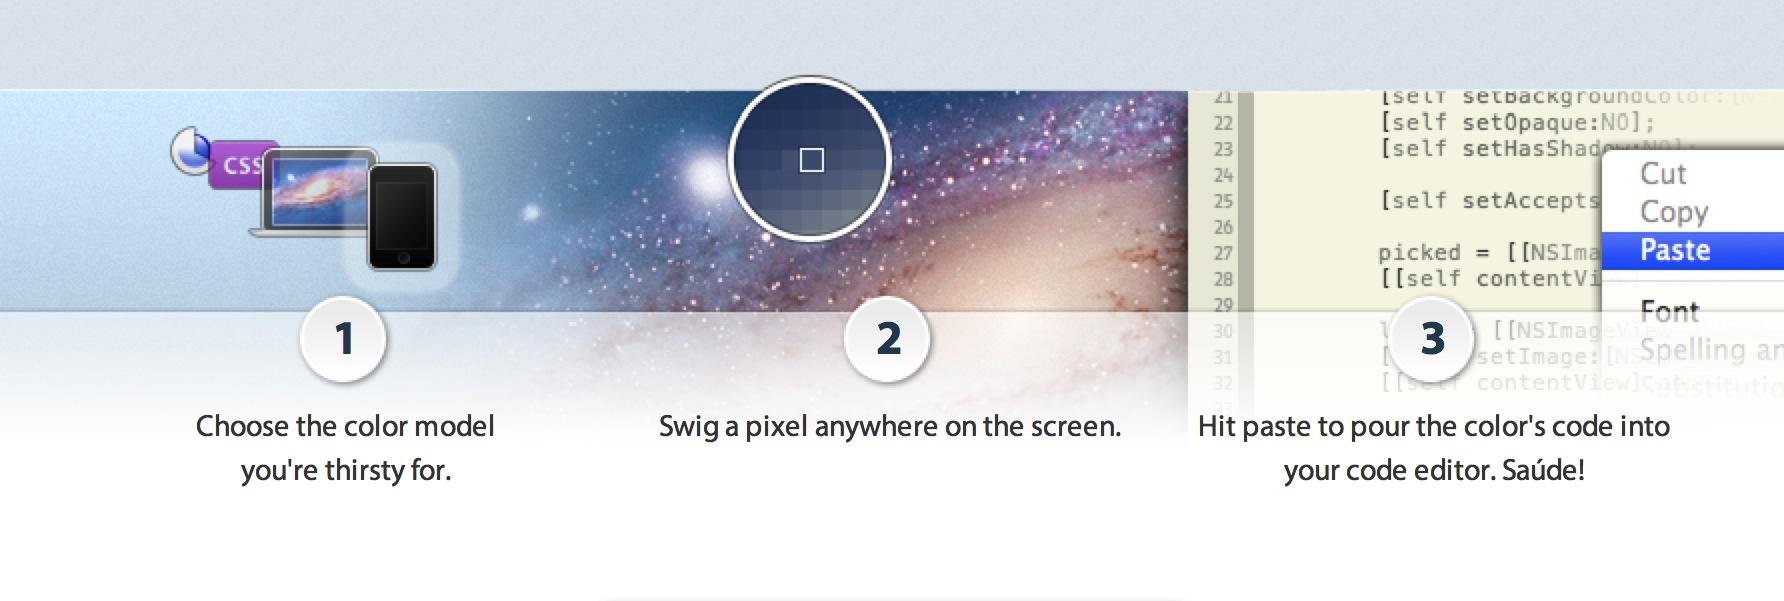 Review OS X: De kleurenmeter voor OS X